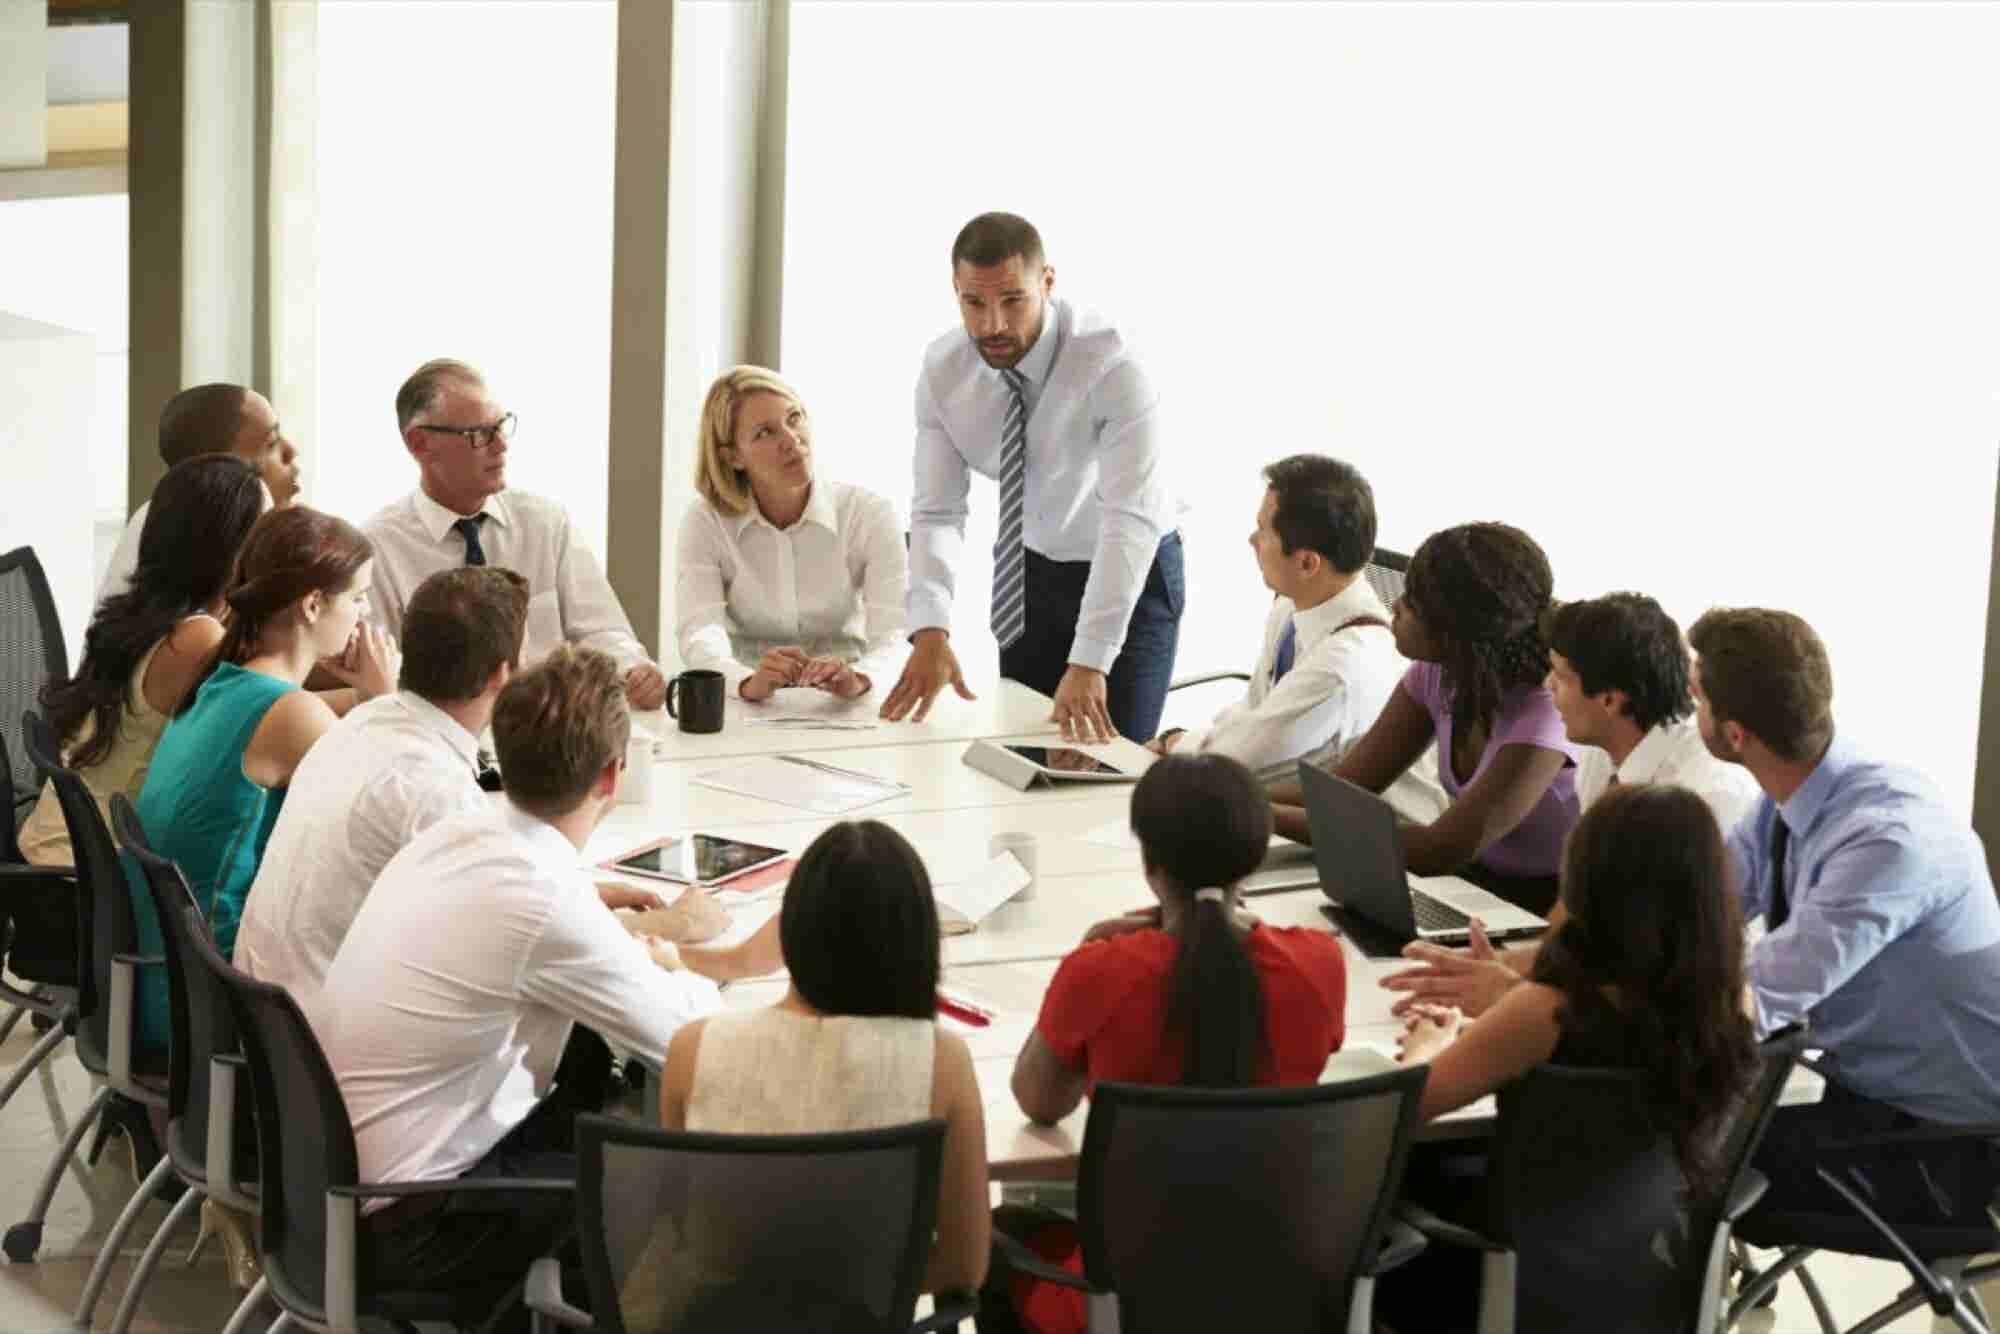 3 reuniones que todo negocio debe tener